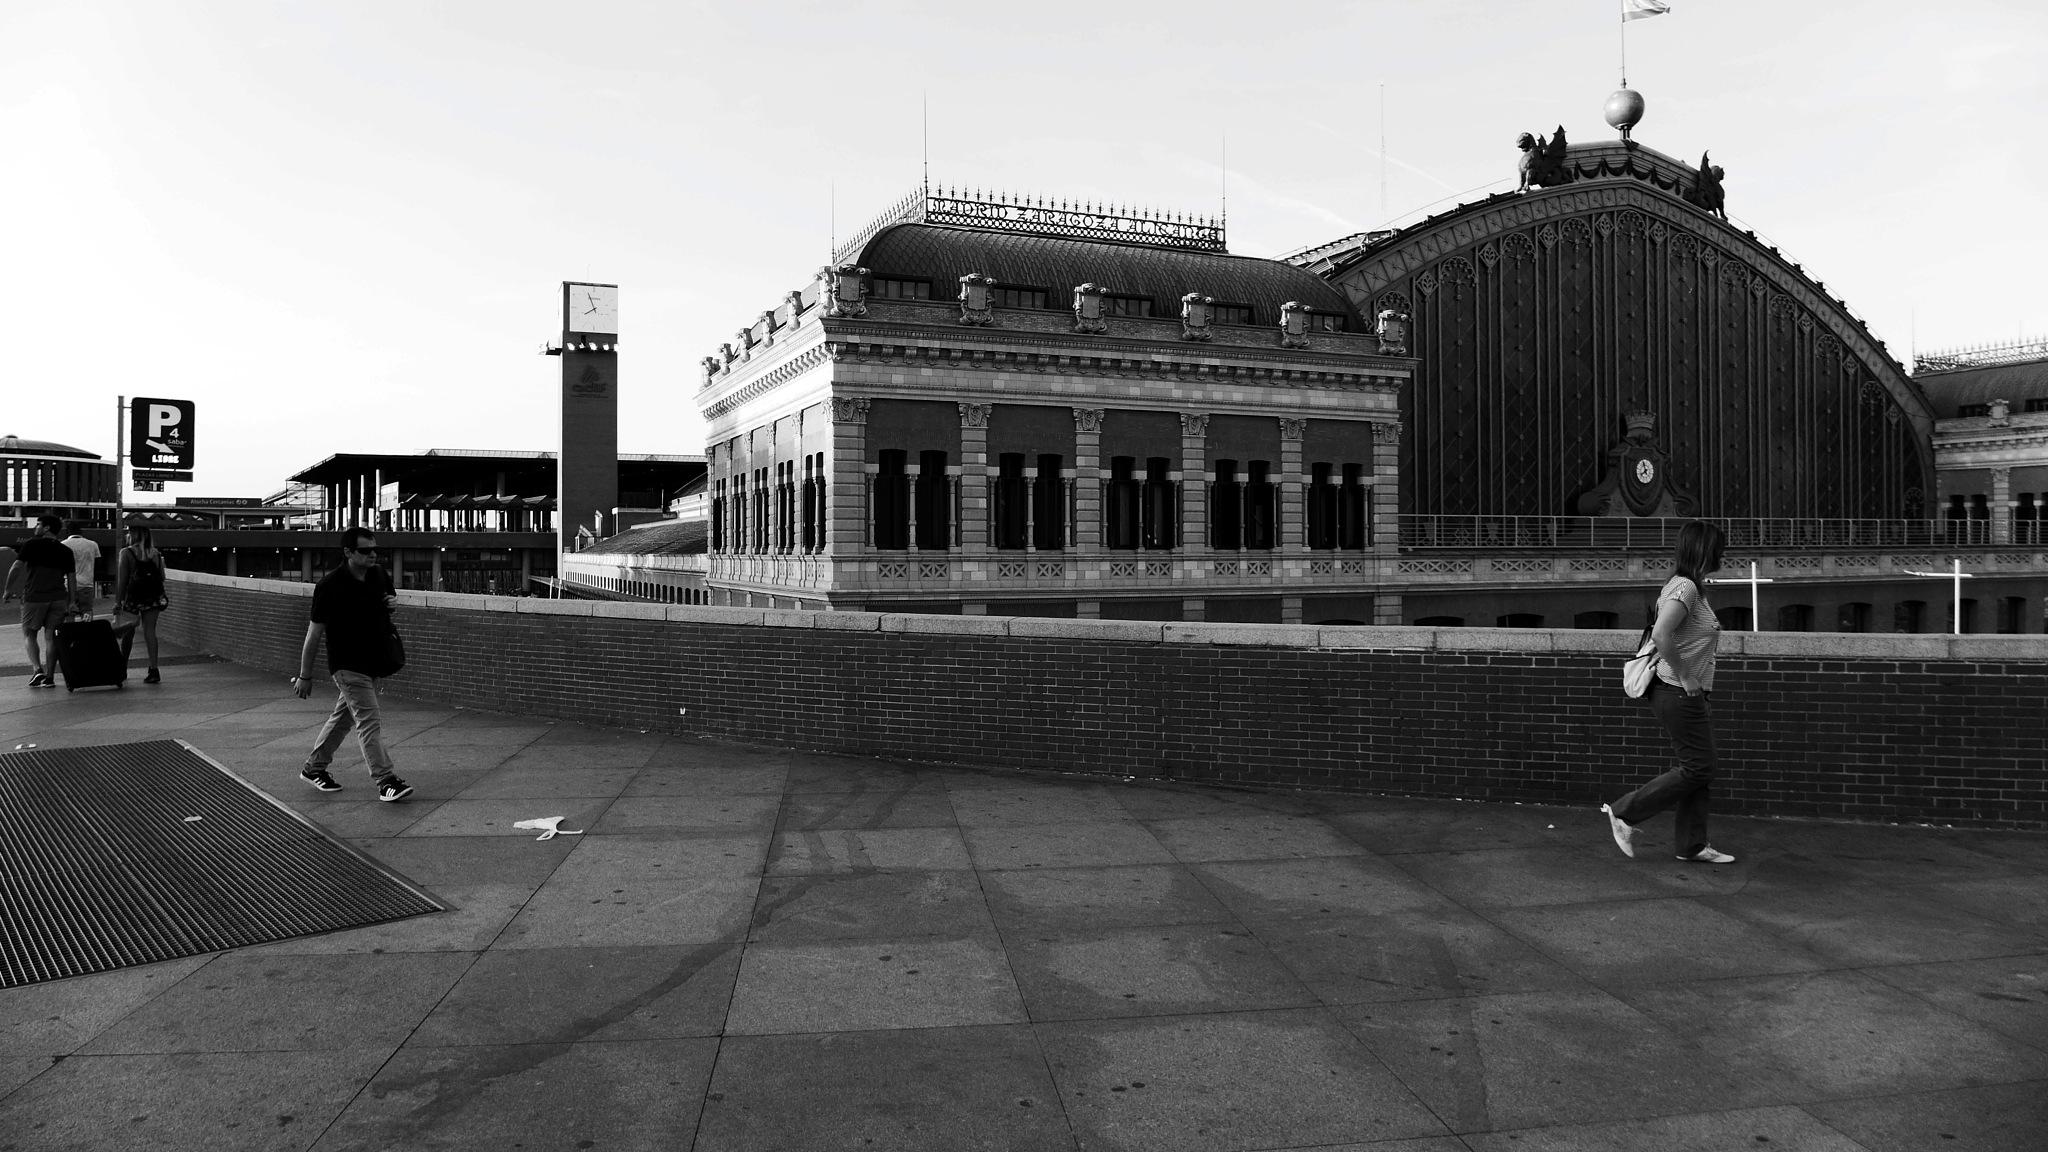 Estación de Atocha by philray